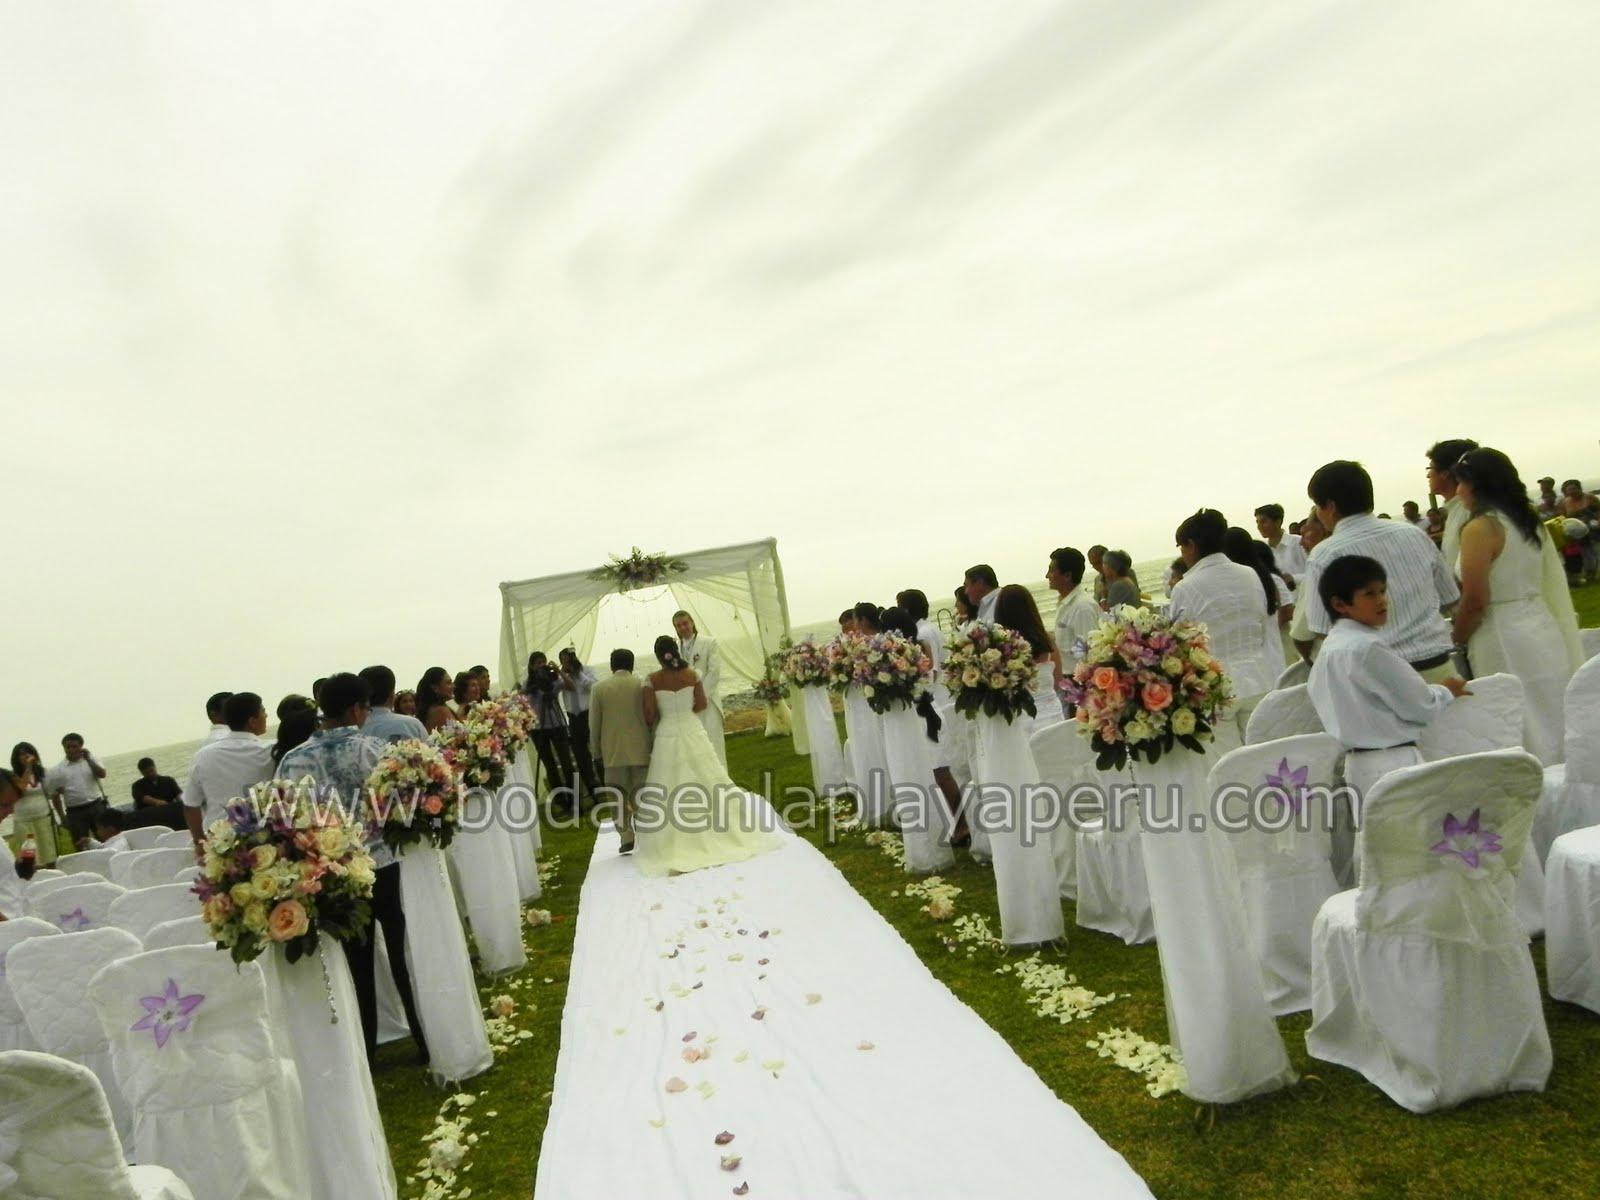 Matrimonio Simbolico En Lima : Bodas en la playa peru lima